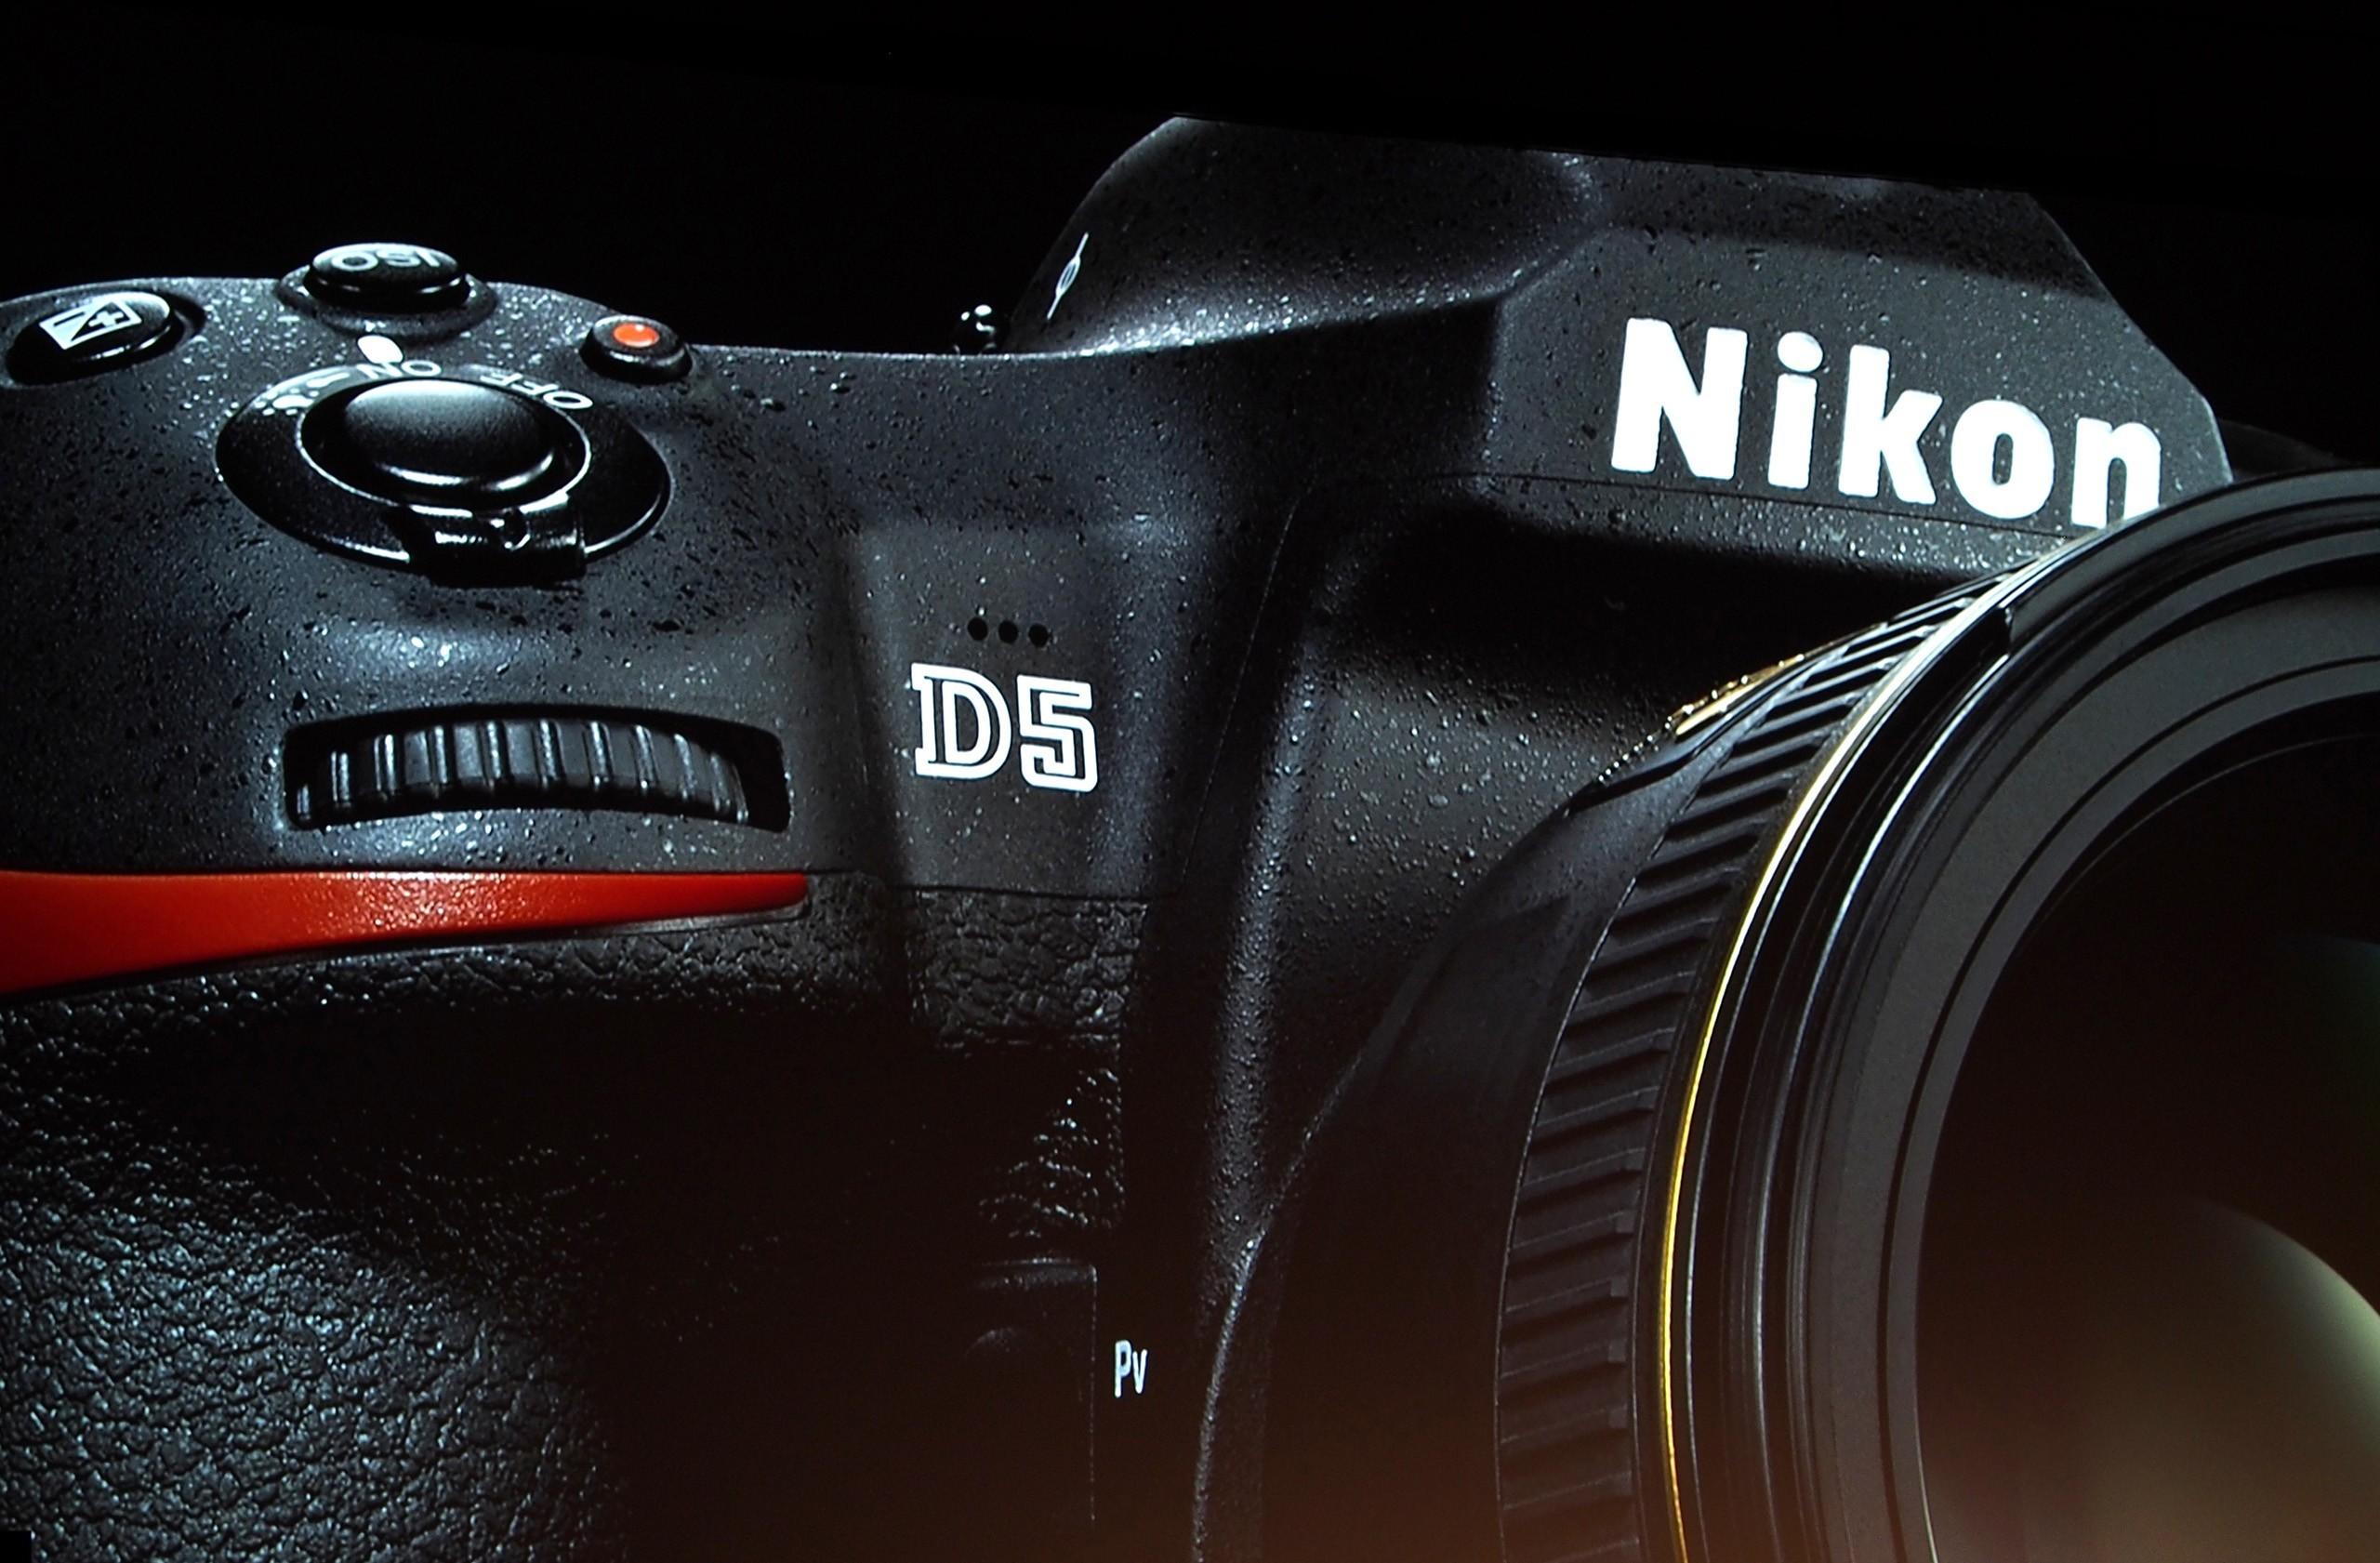 Nikon D5 - Rp 86 juta